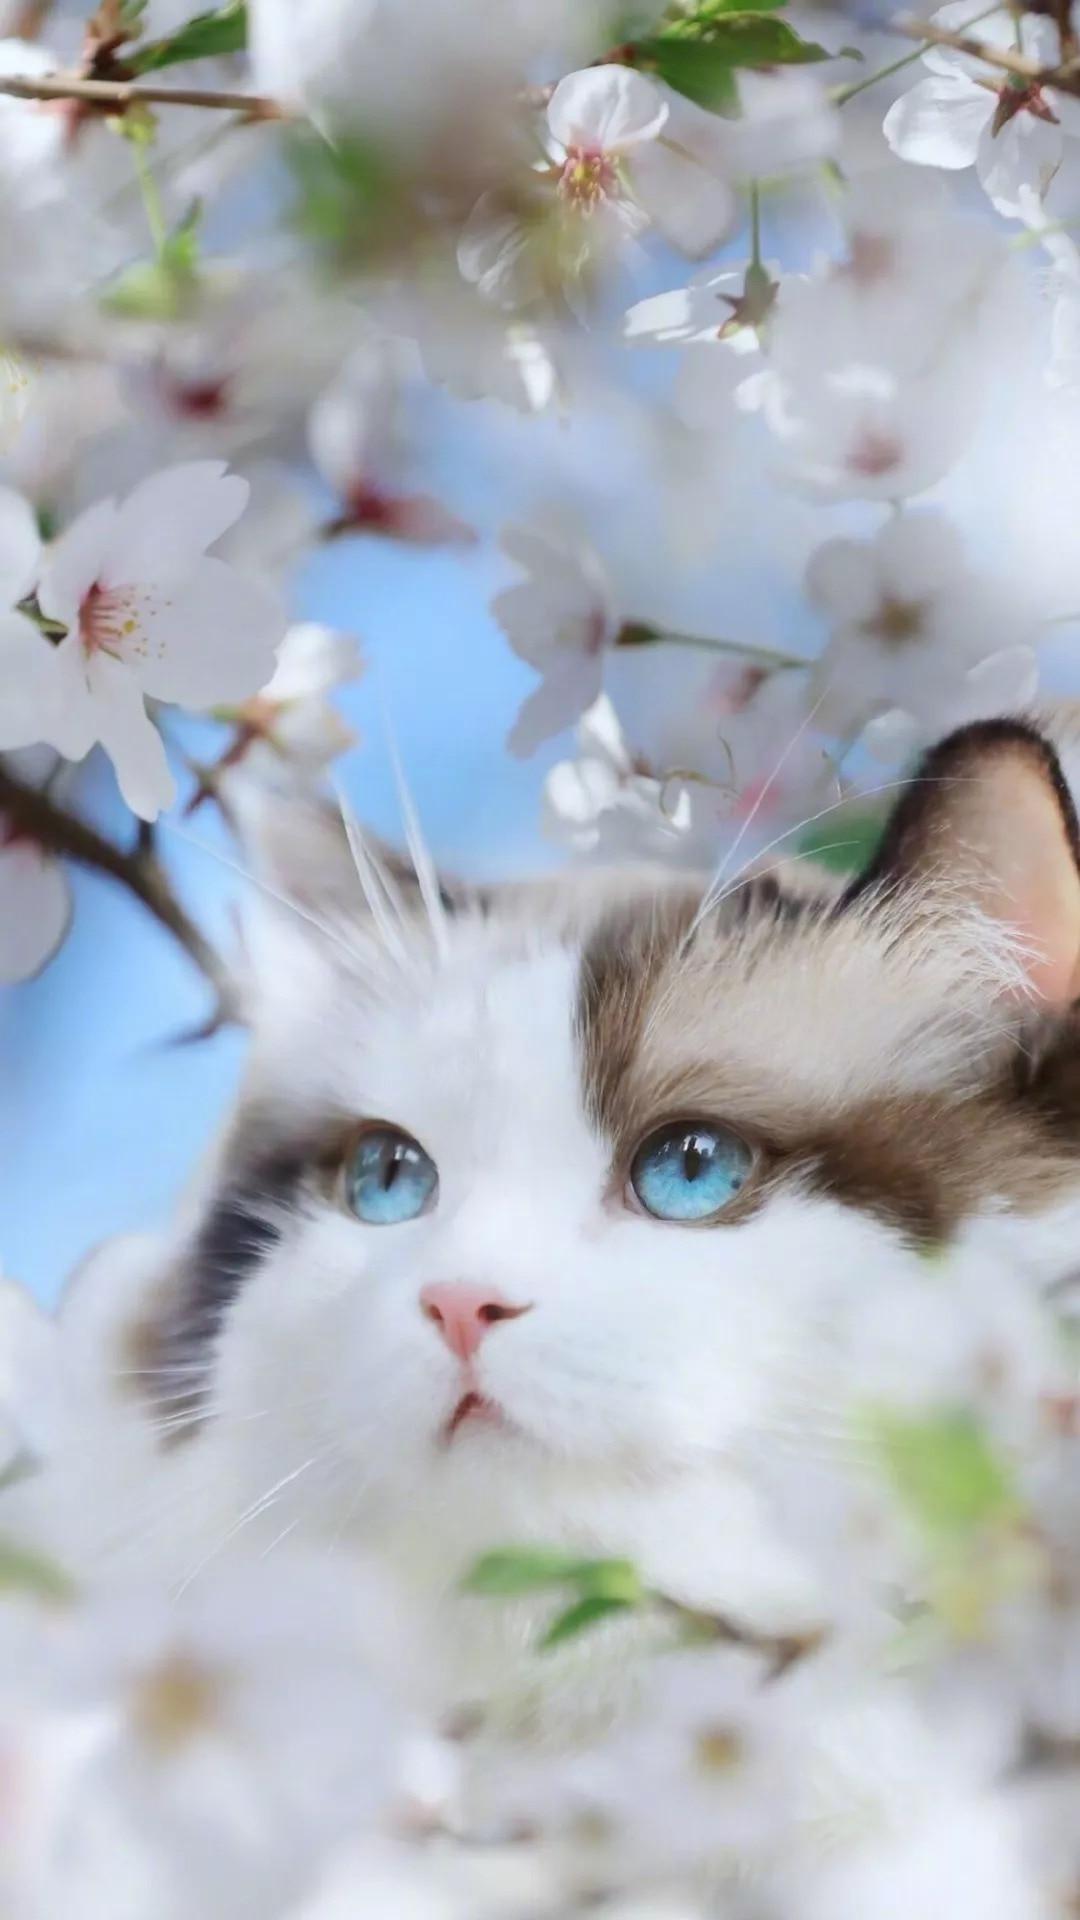 猫片壁纸 :生活不断拍打我们的脸皮,最后不是脸皮厚了,是肿了!插图71